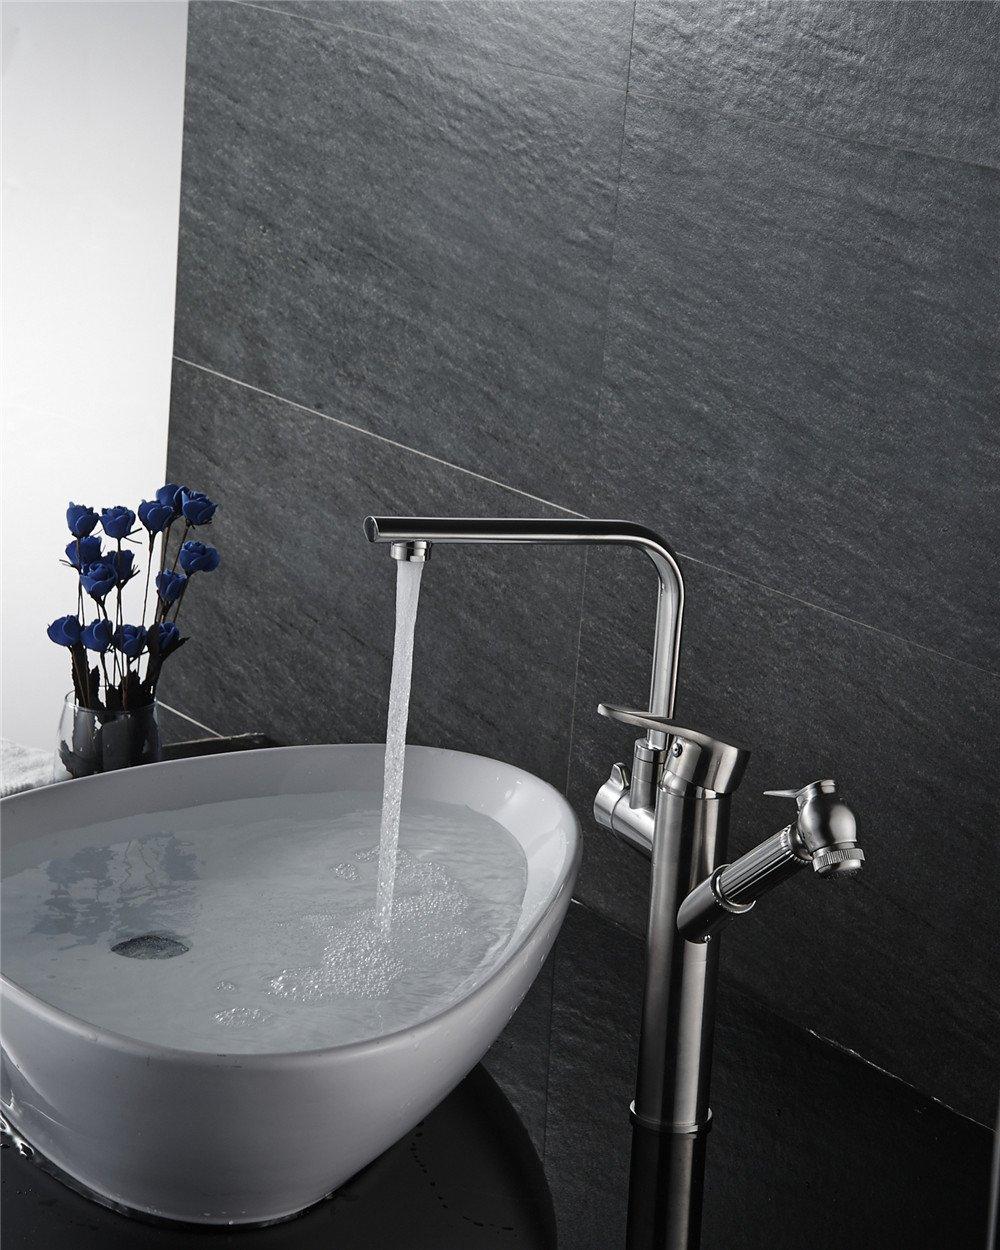 Bijjaladeva Antike Küche Spülbecken Das kupfer Küche Küche Waschbecken Waschbecken Wasserhahn gebürstet Mischbatterie Wasser ziehen können - und Wasserhahn